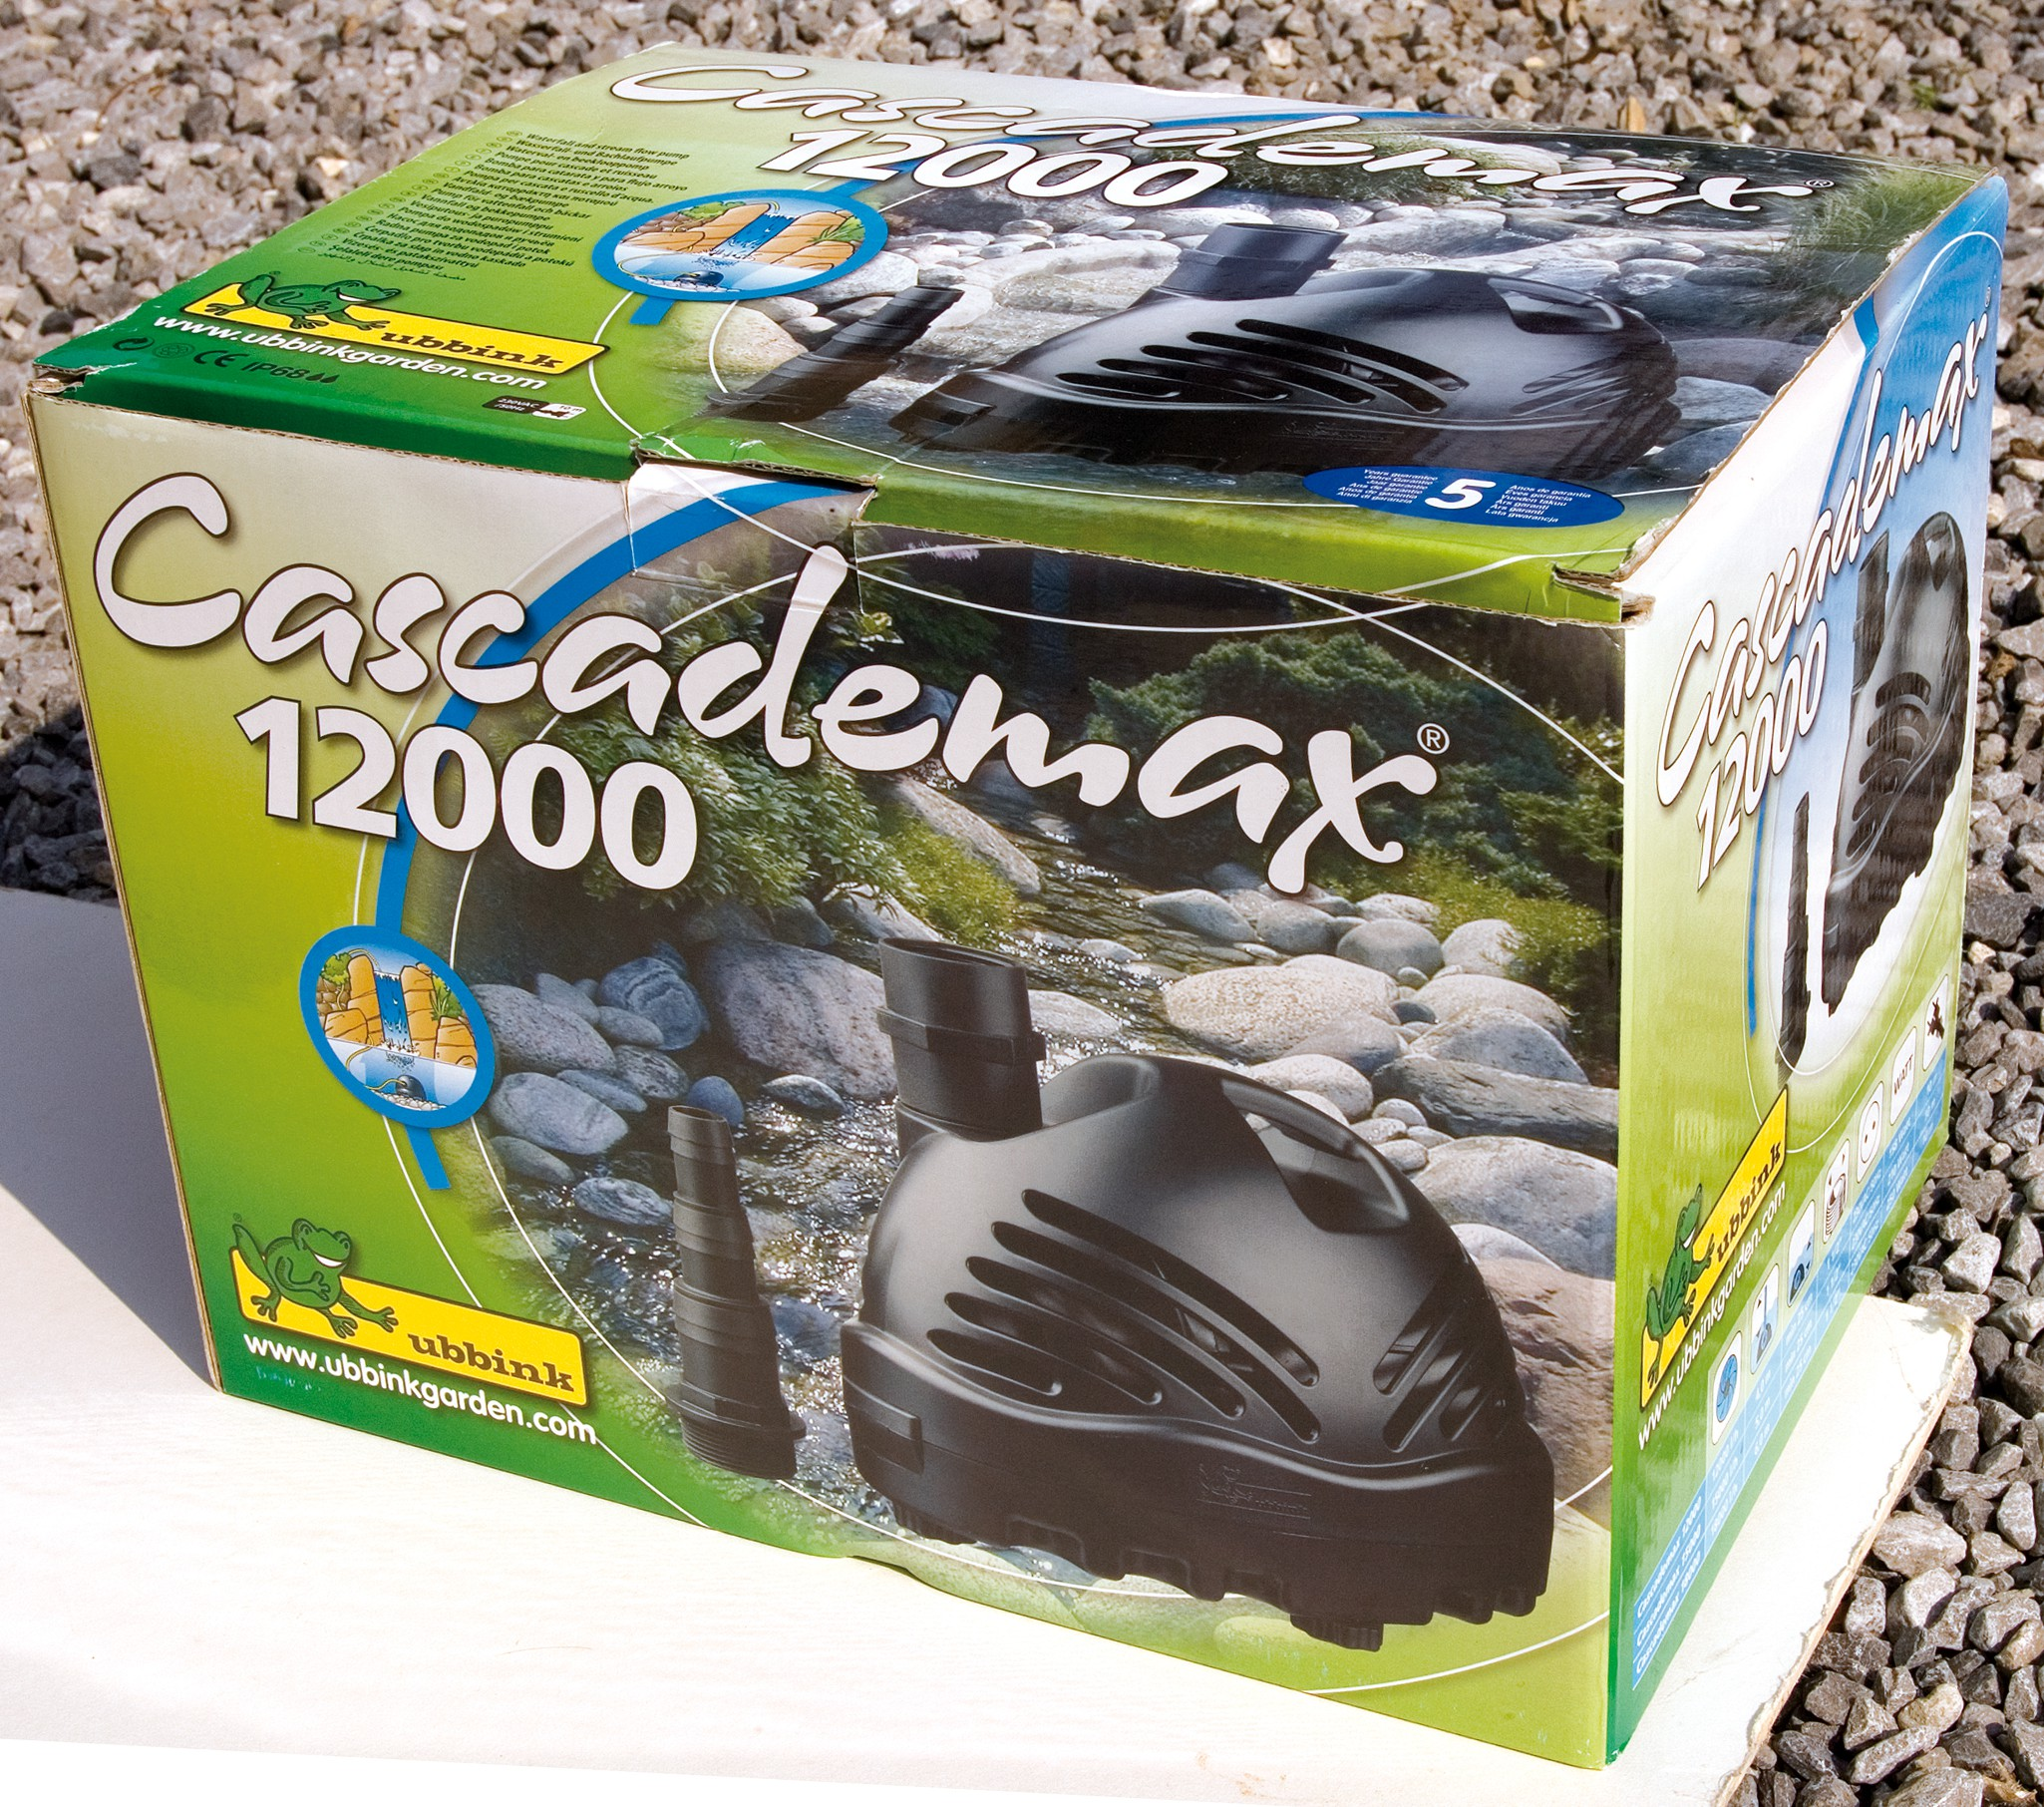 Pompe pour cascade ubbink cascademax 15000 jardinet for Pompe de cascade pour bassin